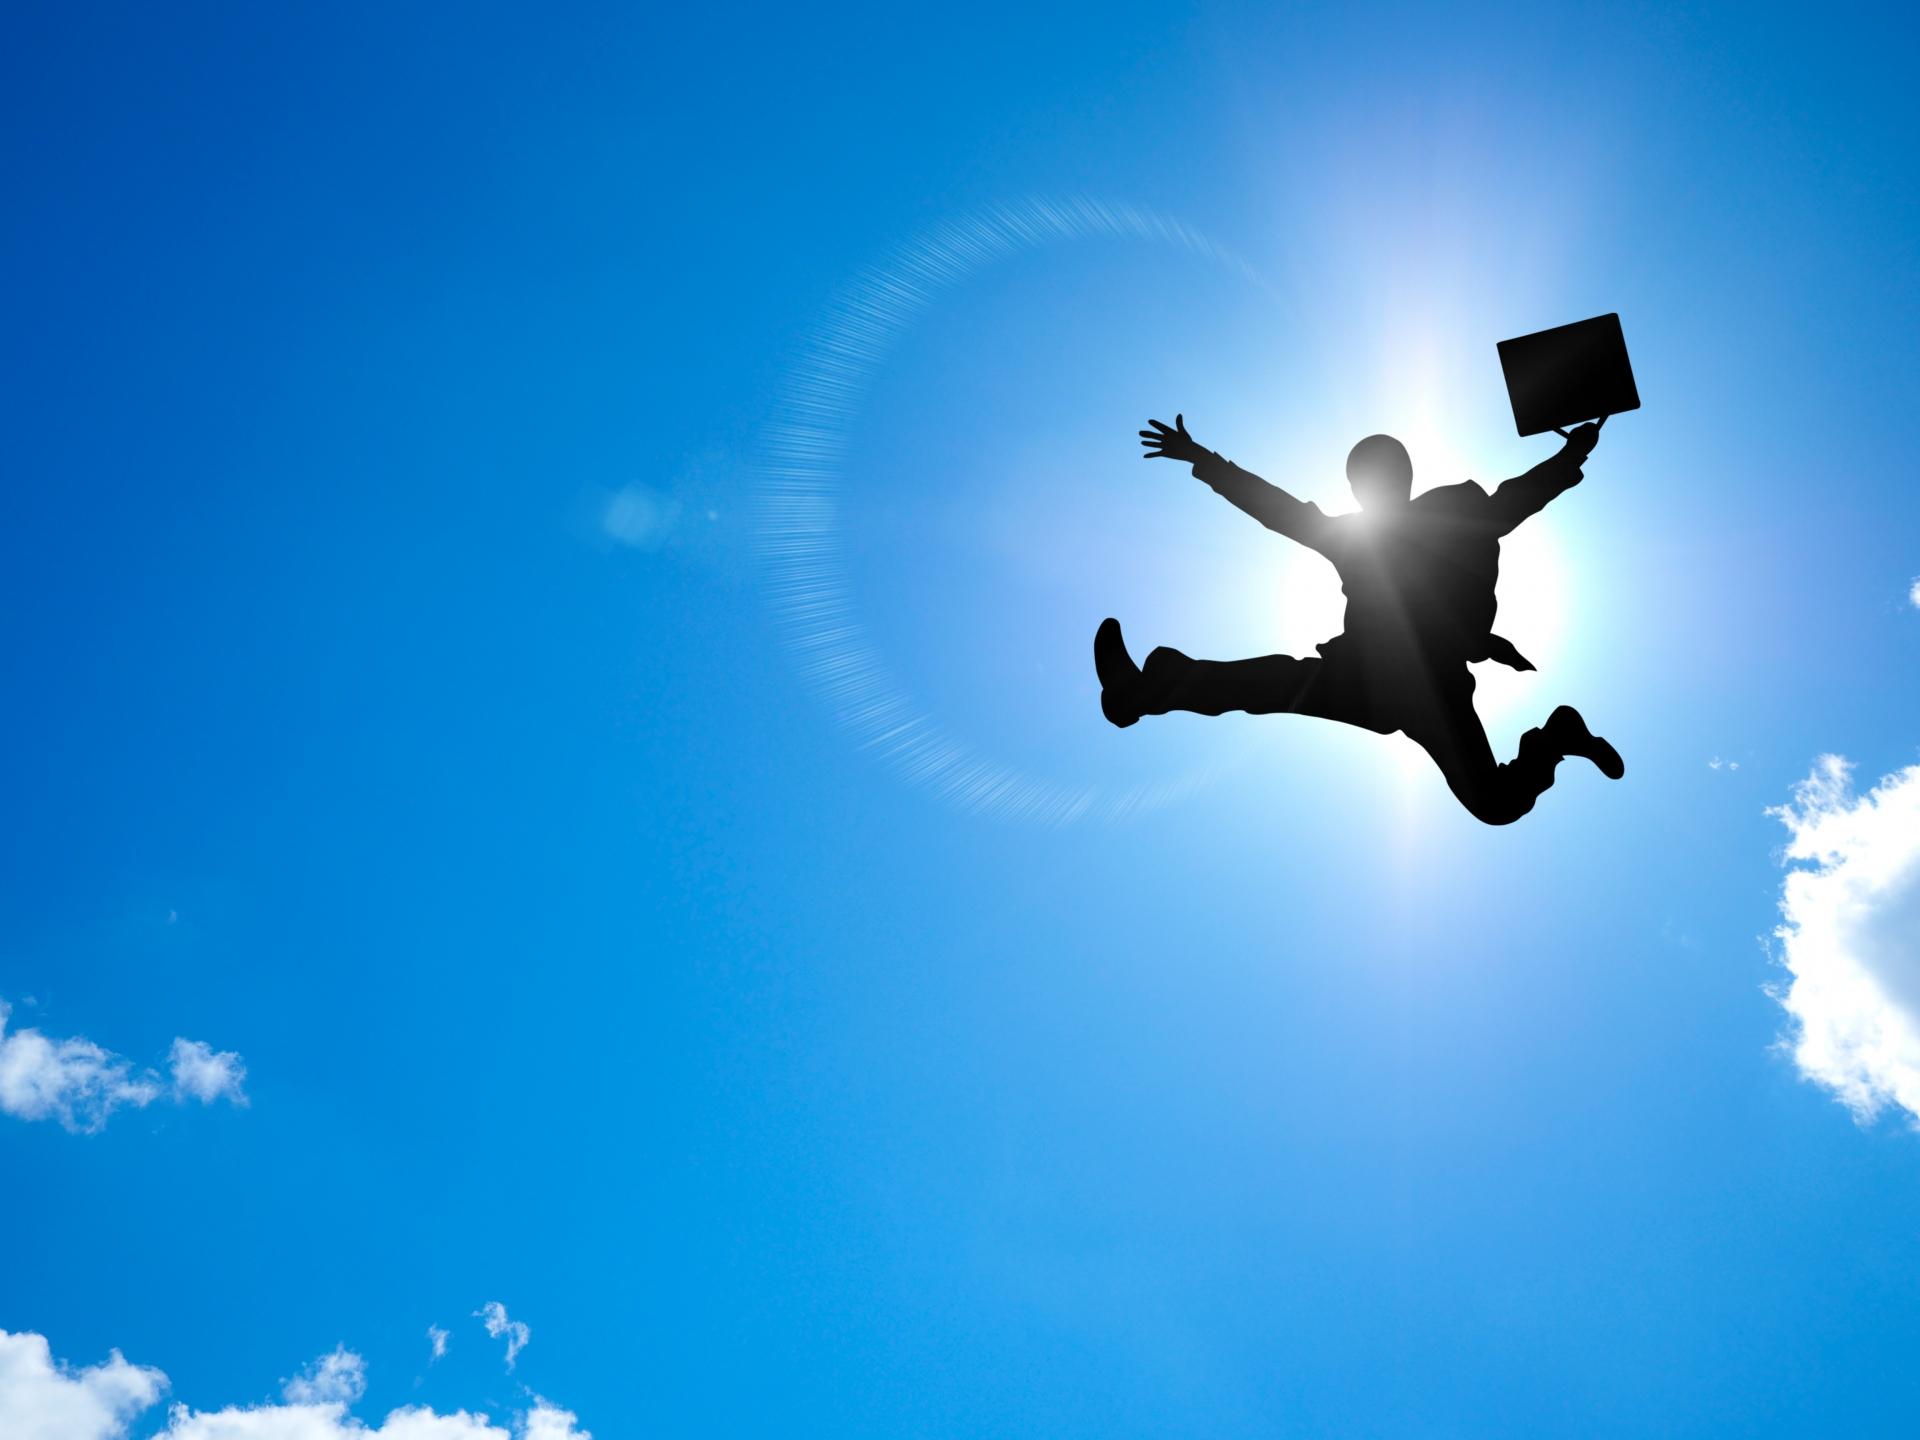 飛翔するビジネスマン